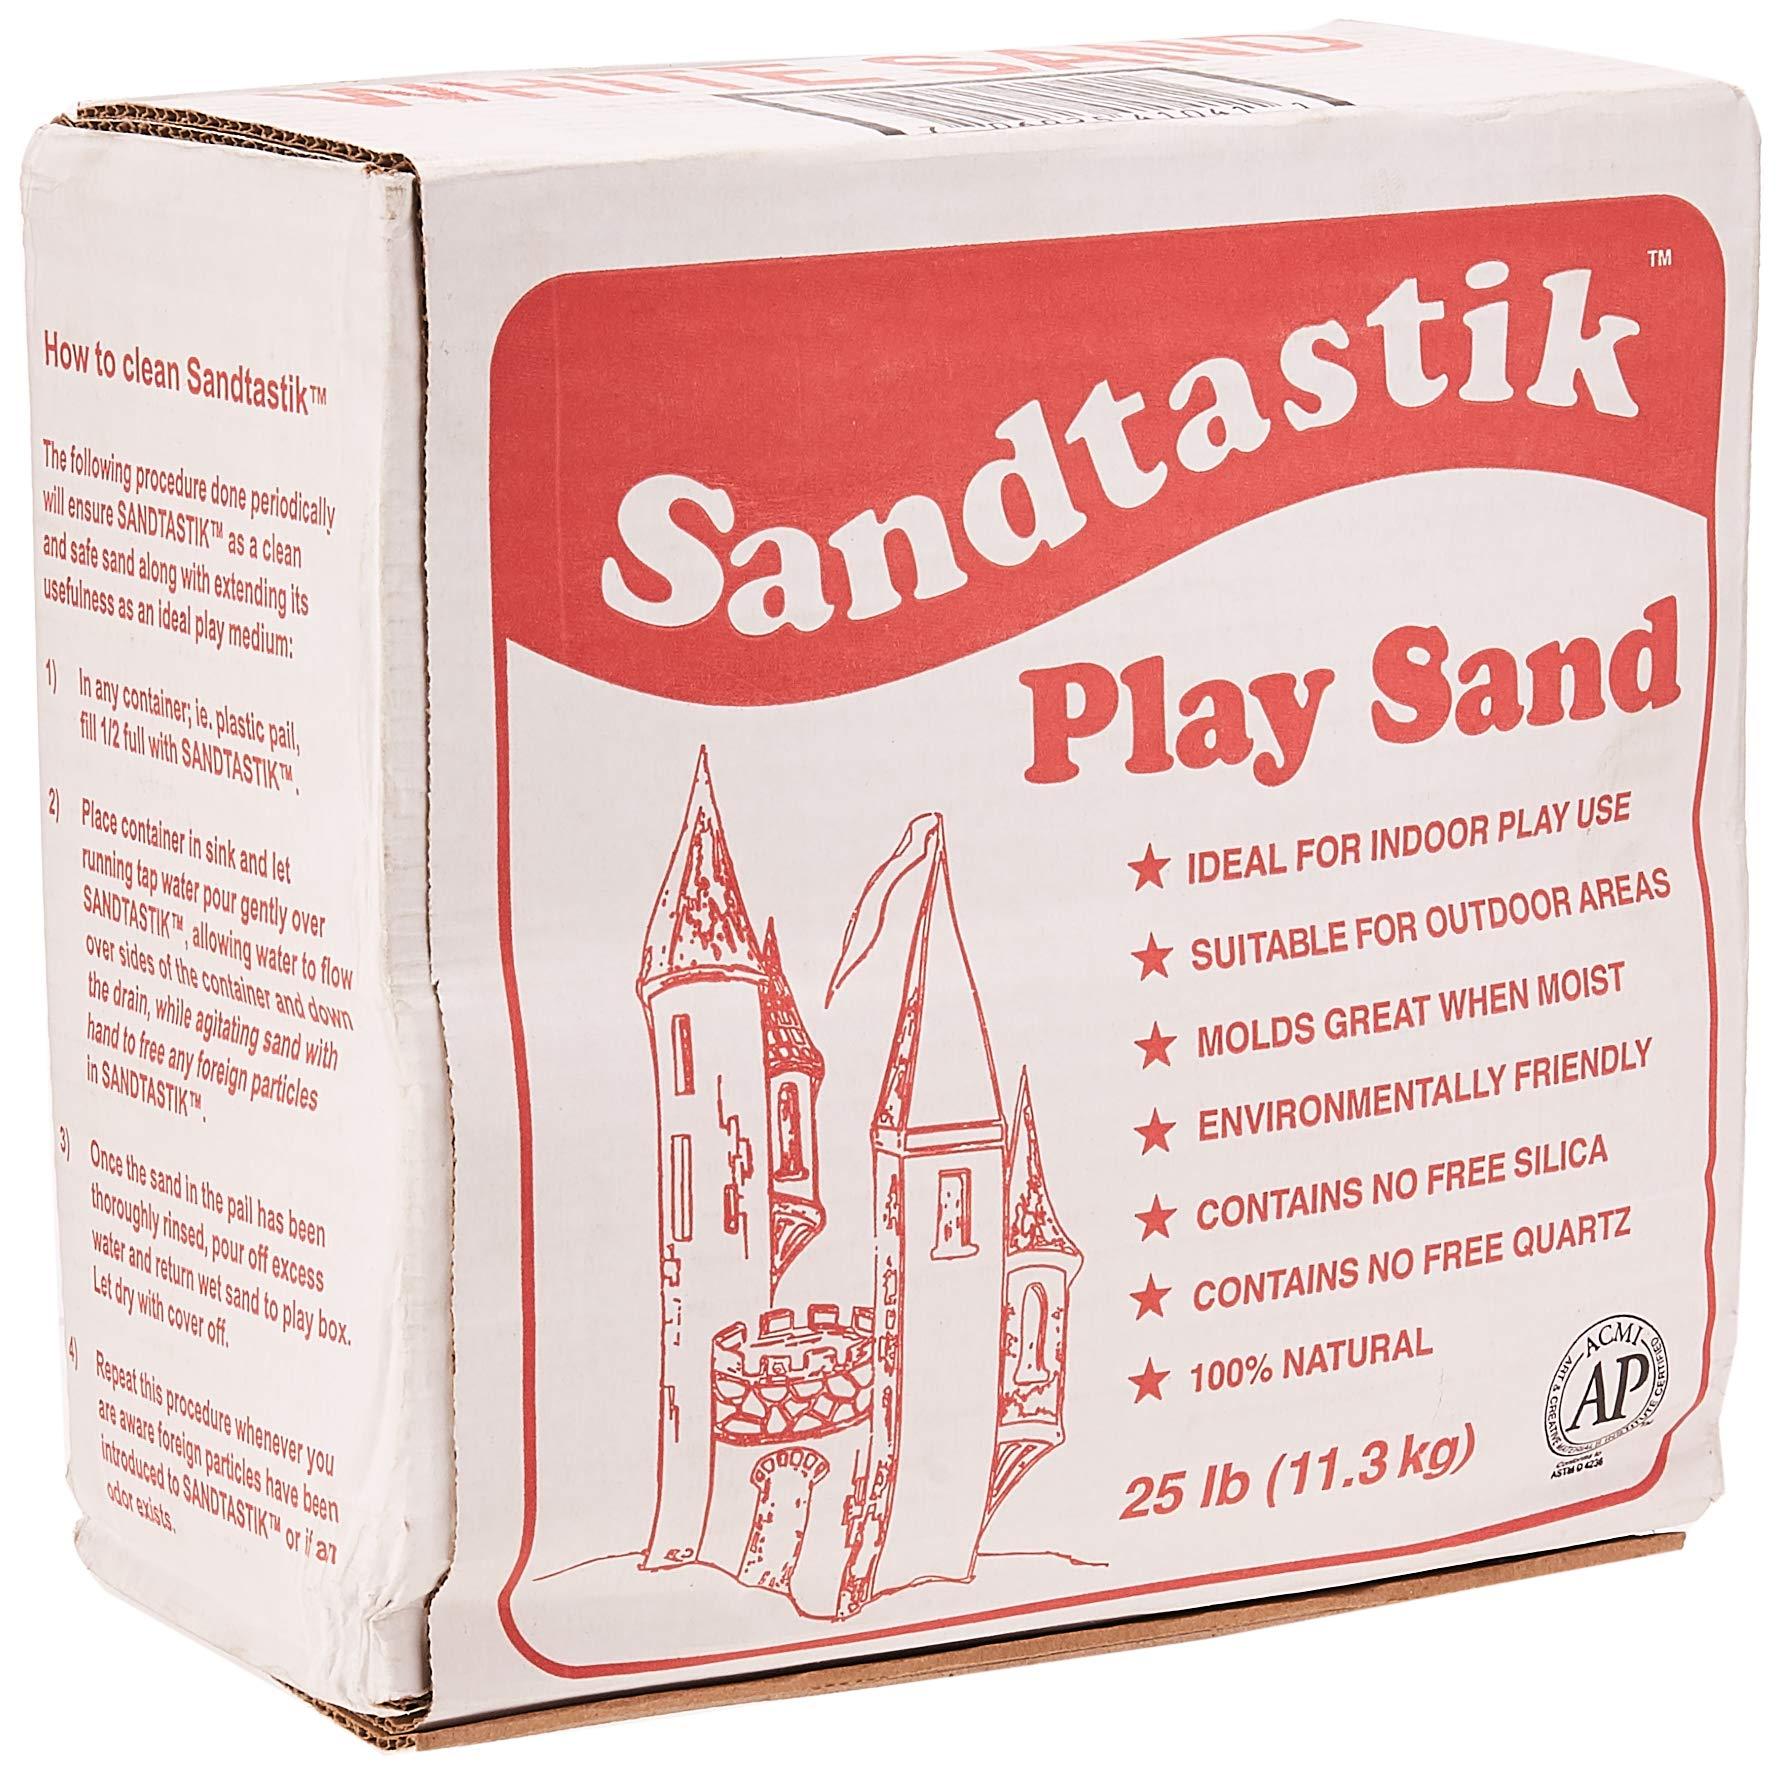 Sandtastik Sparkling White Play Sand, 25 Pounds by Sandtastik